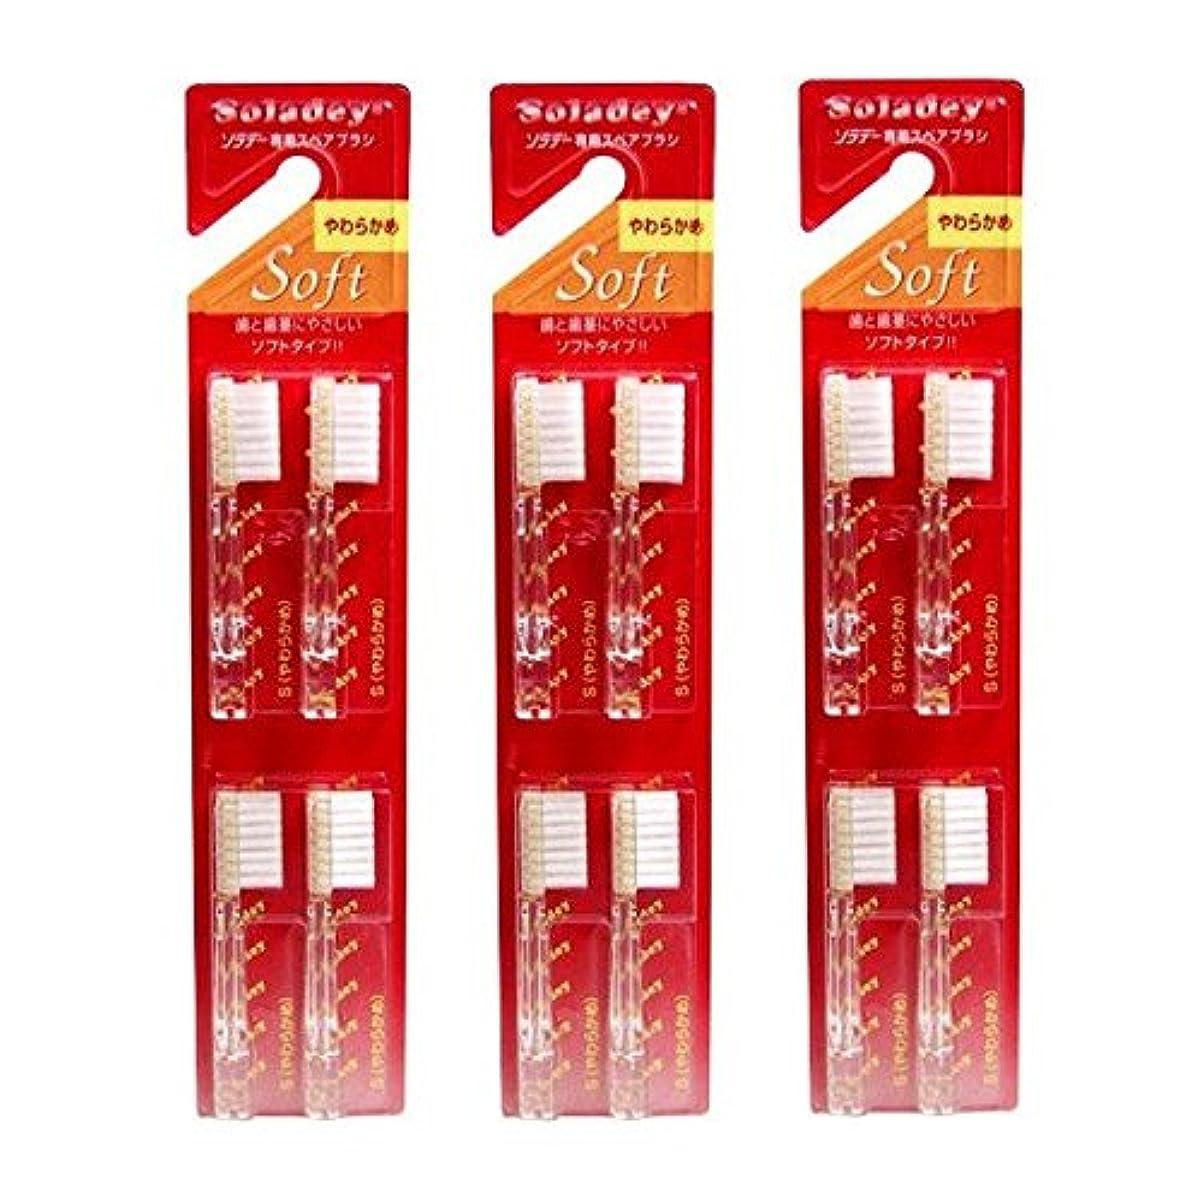 葉巻関税料理ソラデー 専用スペアブラシ 4本入 S(やわらかめ)  ×3個セット